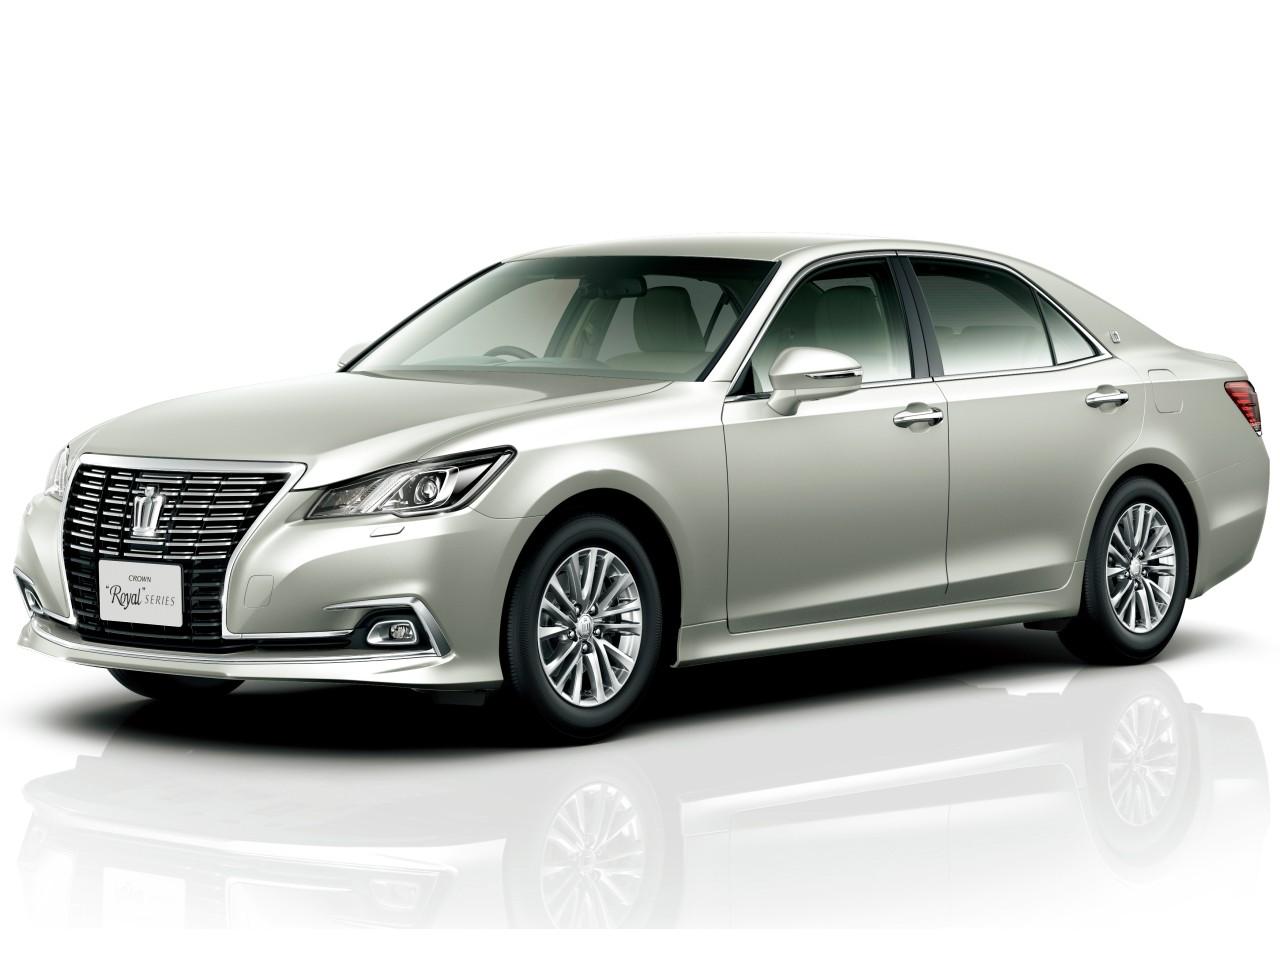 トヨタ クラウン ロイヤル 2012年モデル 新車画像